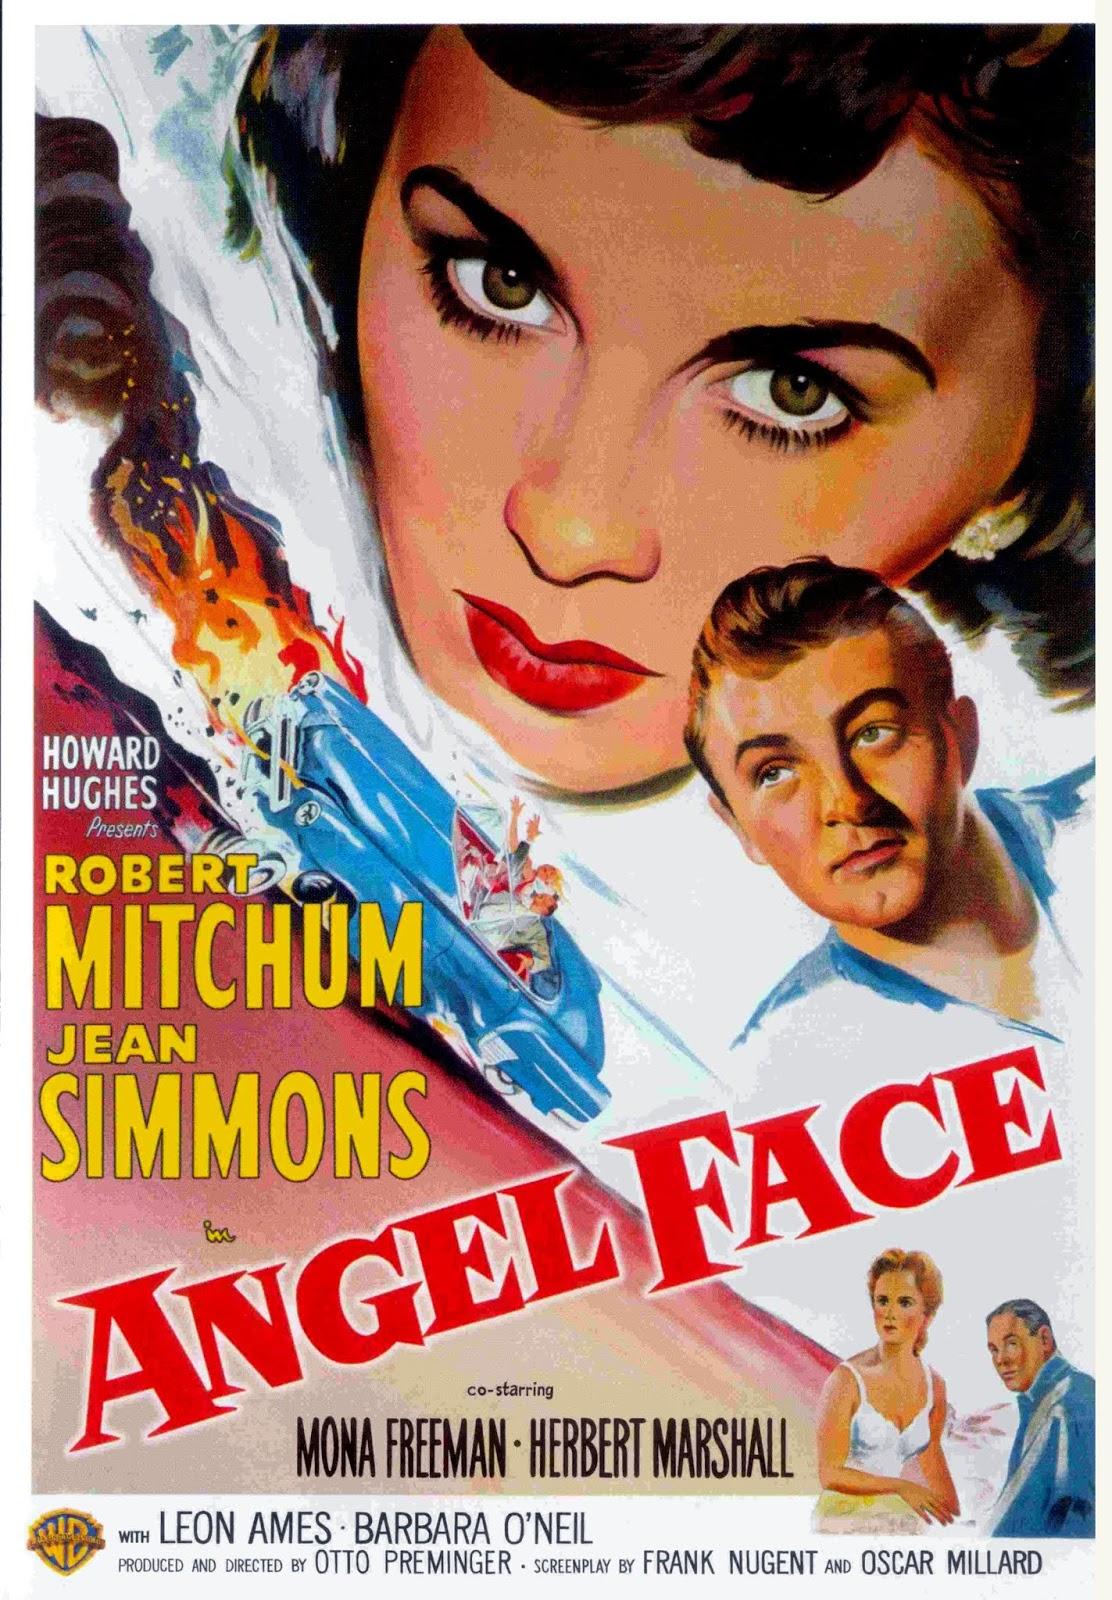 STUDIO EXEC'S FILM NOIR BUCKET: 2. ANGEL FACE